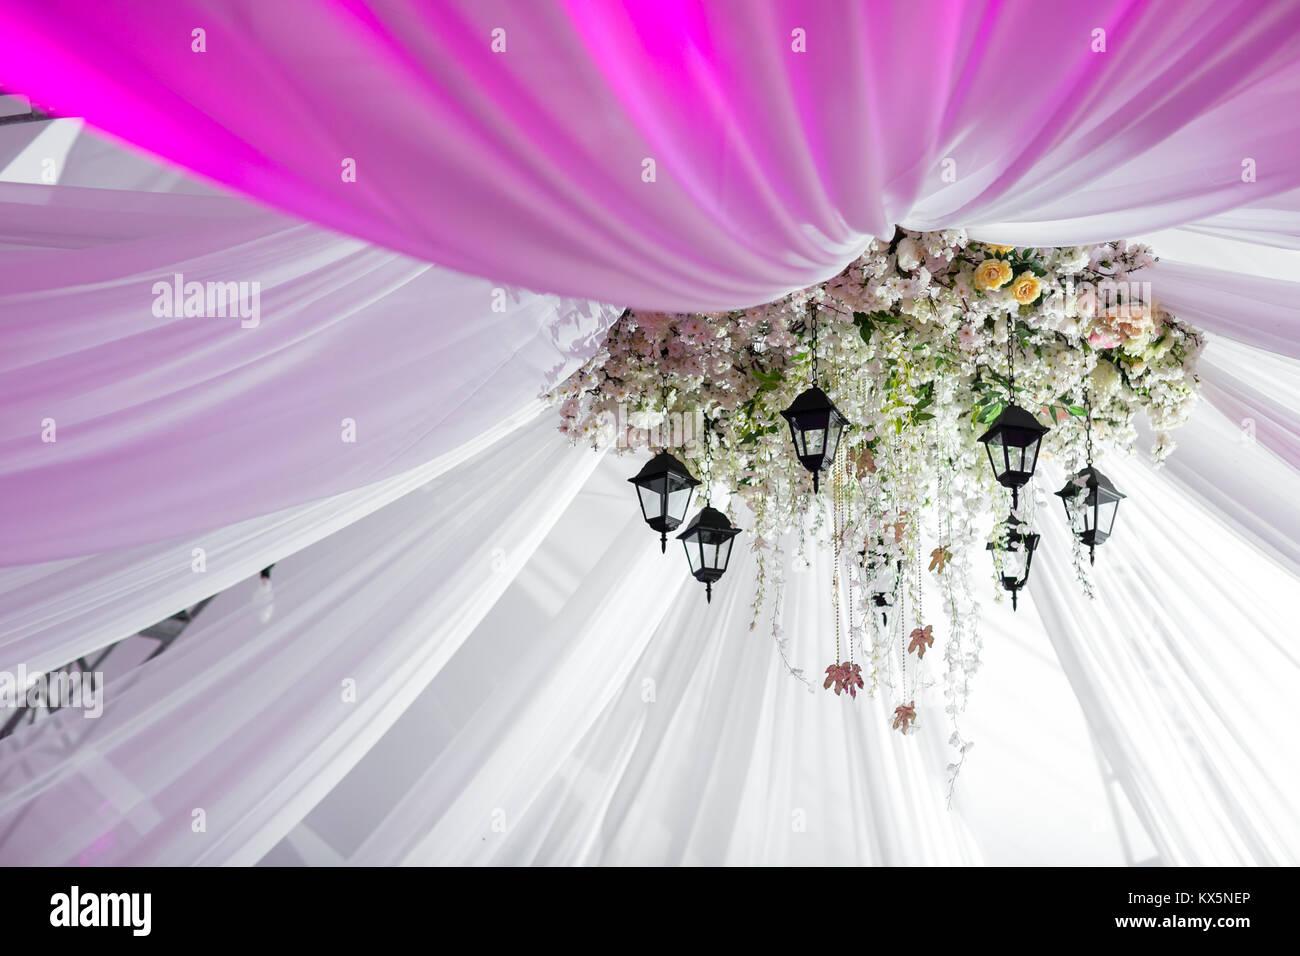 Kronleuchter Mit Blumen ~ Kronleuchter aus rosen und weißen blumen hängt unter dem zelt